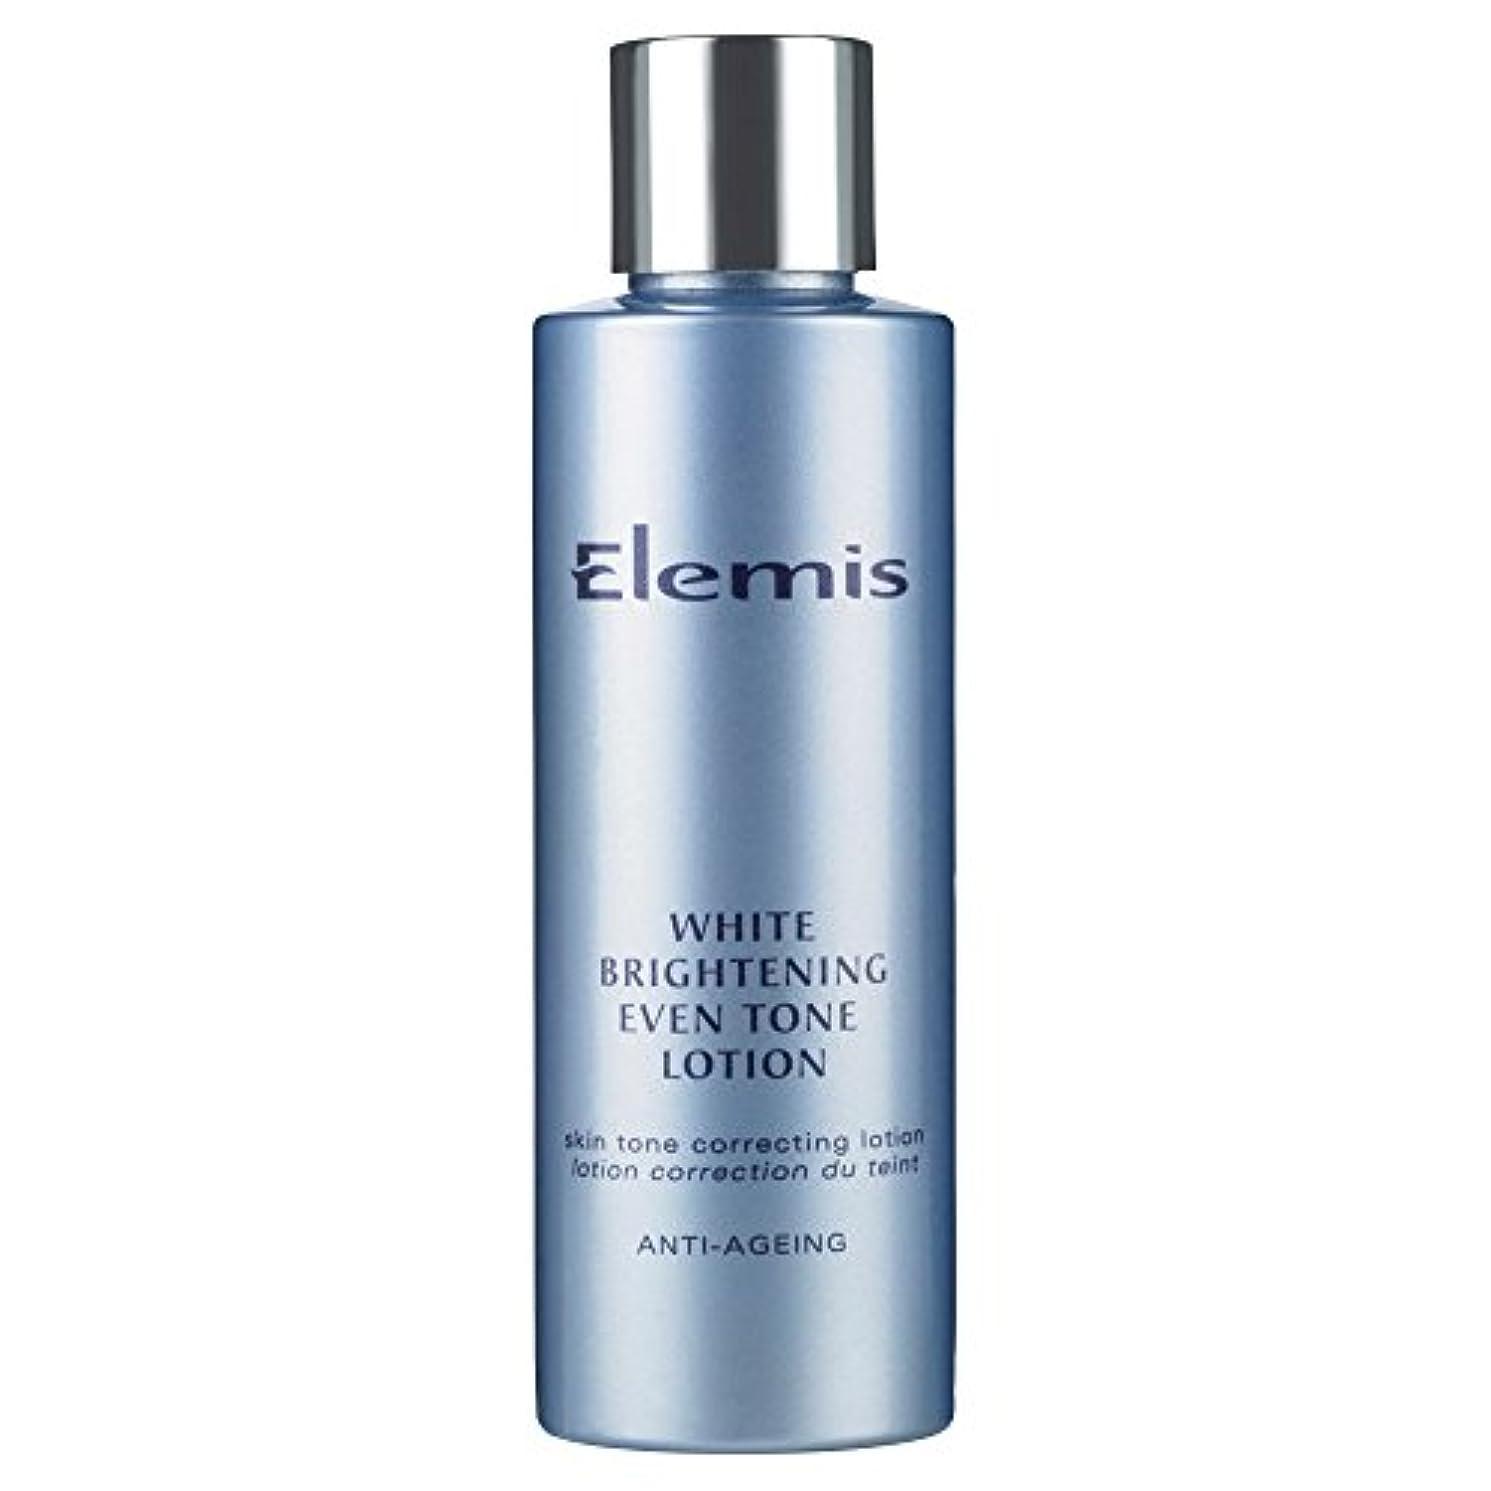 ハム高速道路ほうきエレミス白い光沢さえトーンローション150ミリリットル (Elemis) - Elemis White Brightening Even Tone Lotion 150ml [並行輸入品]